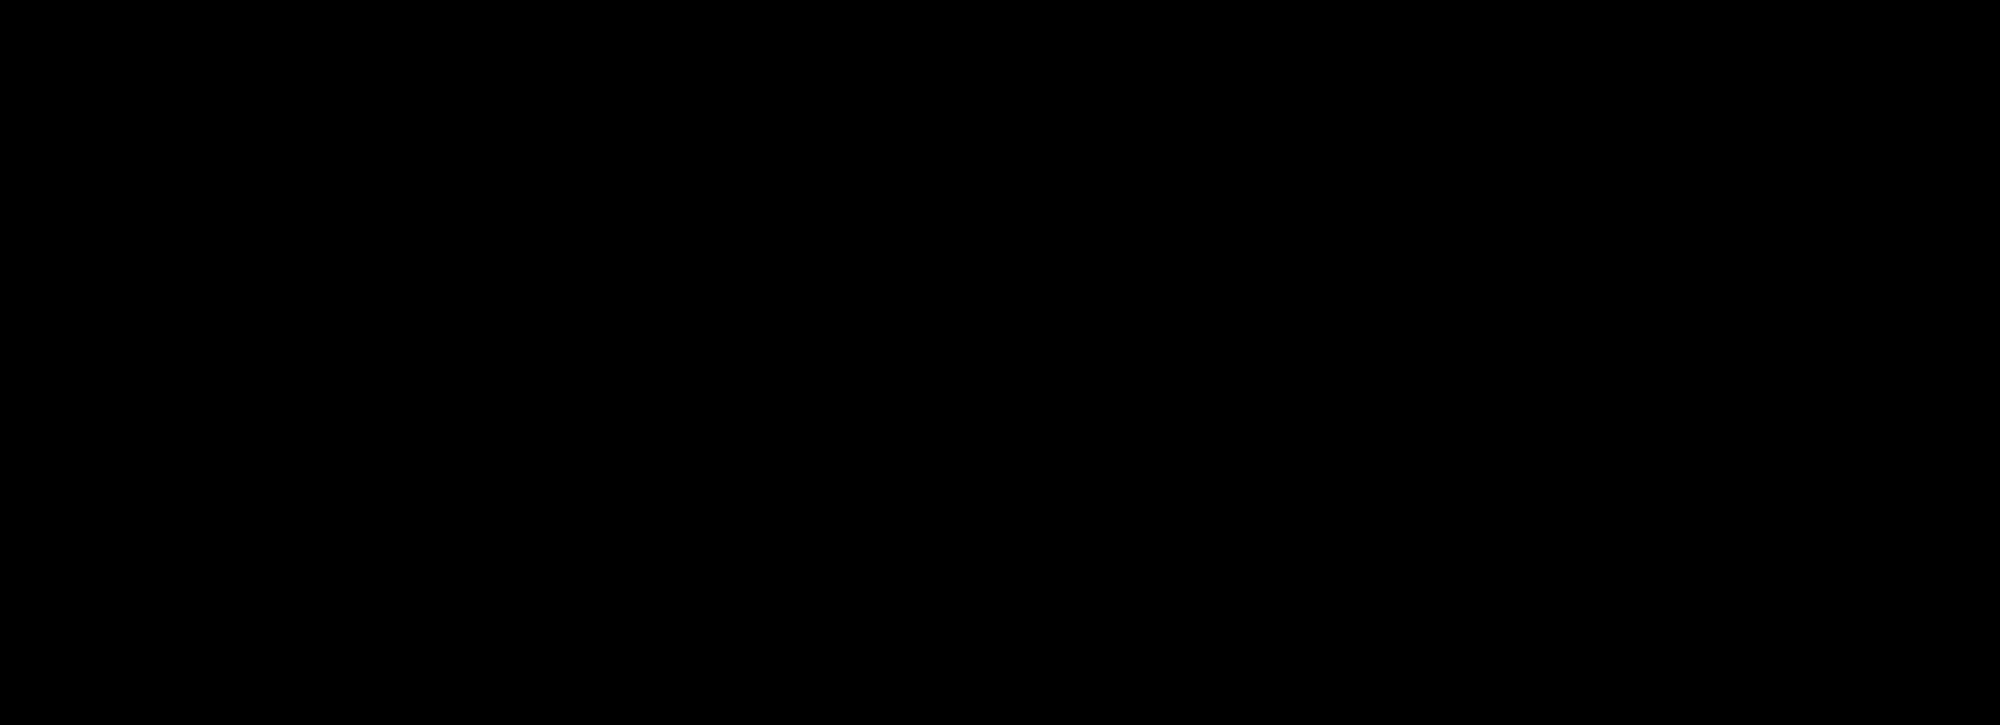 File natural black svg. Moustache clipart simple